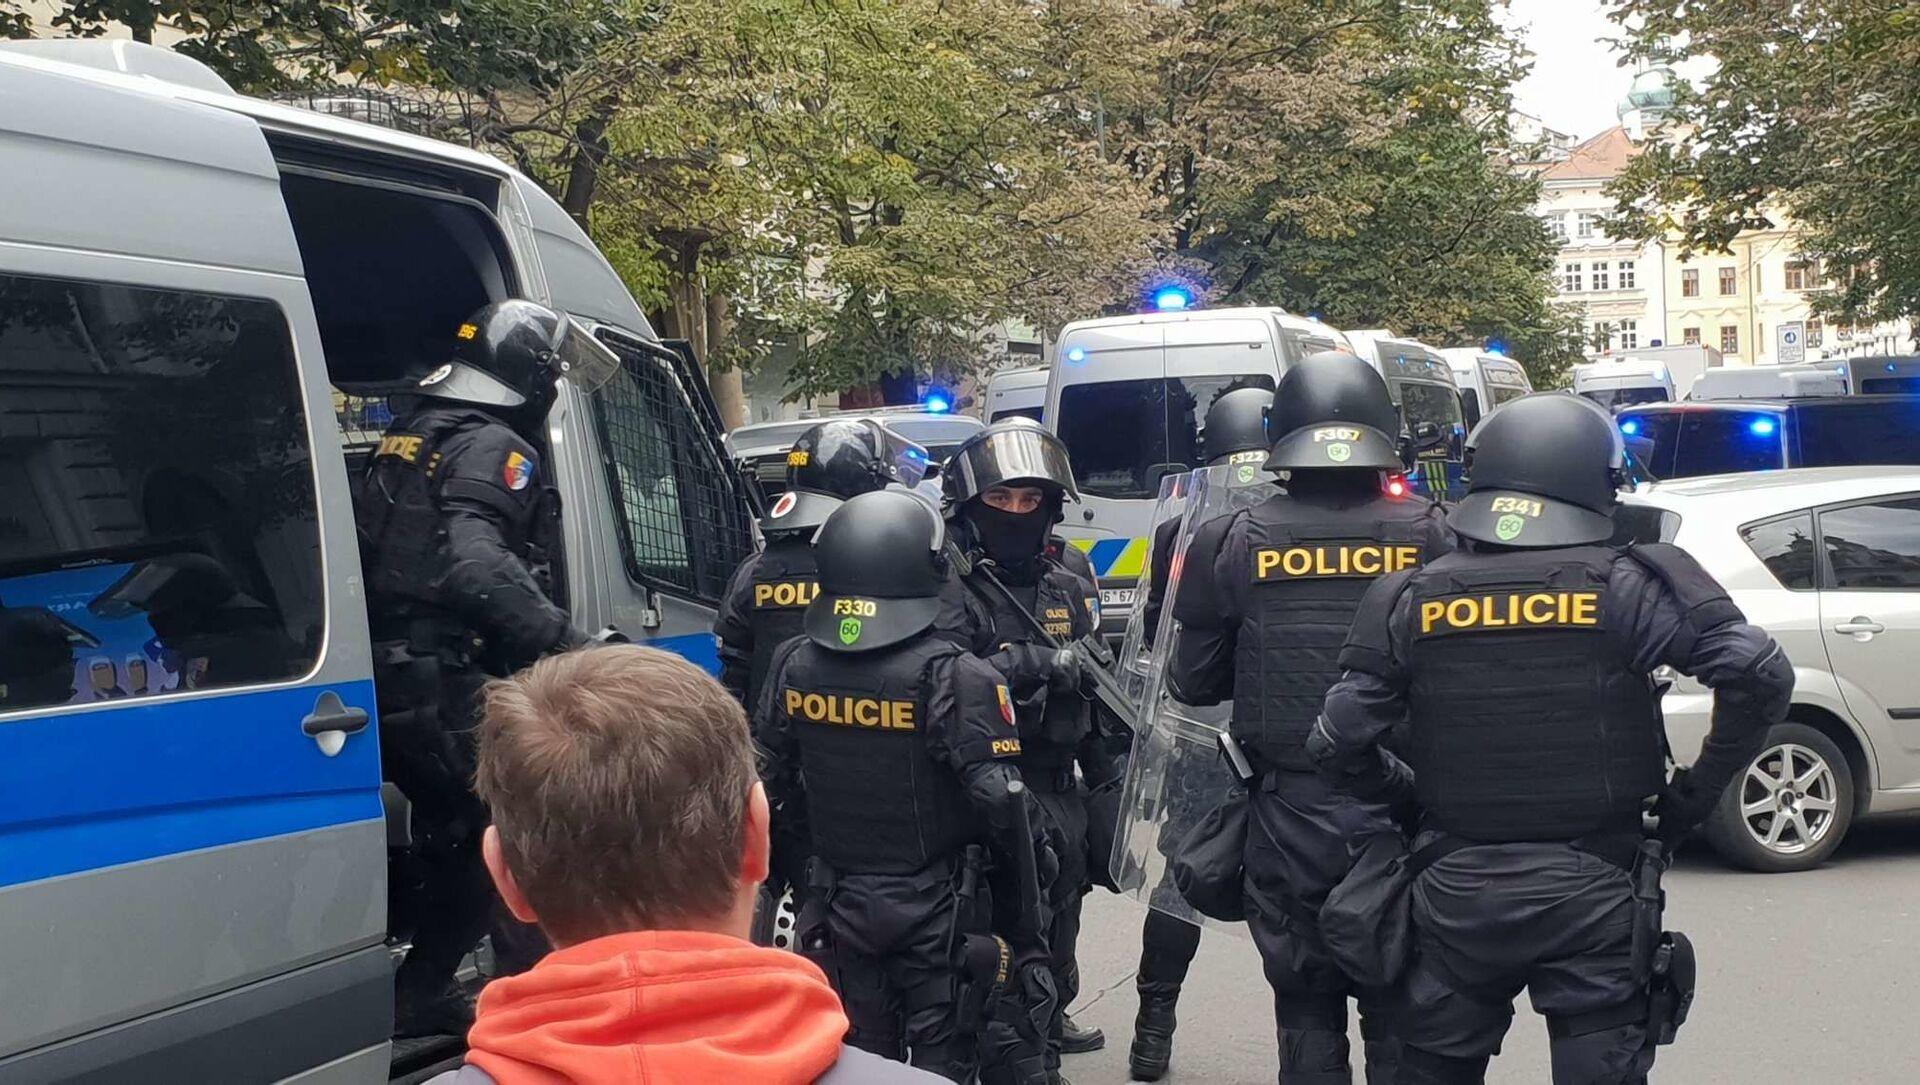 Policie zasahuje na demonstraci proti koronavirovým opatřením v Praze - Sputnik Česká republika, 1920, 20.10.2020